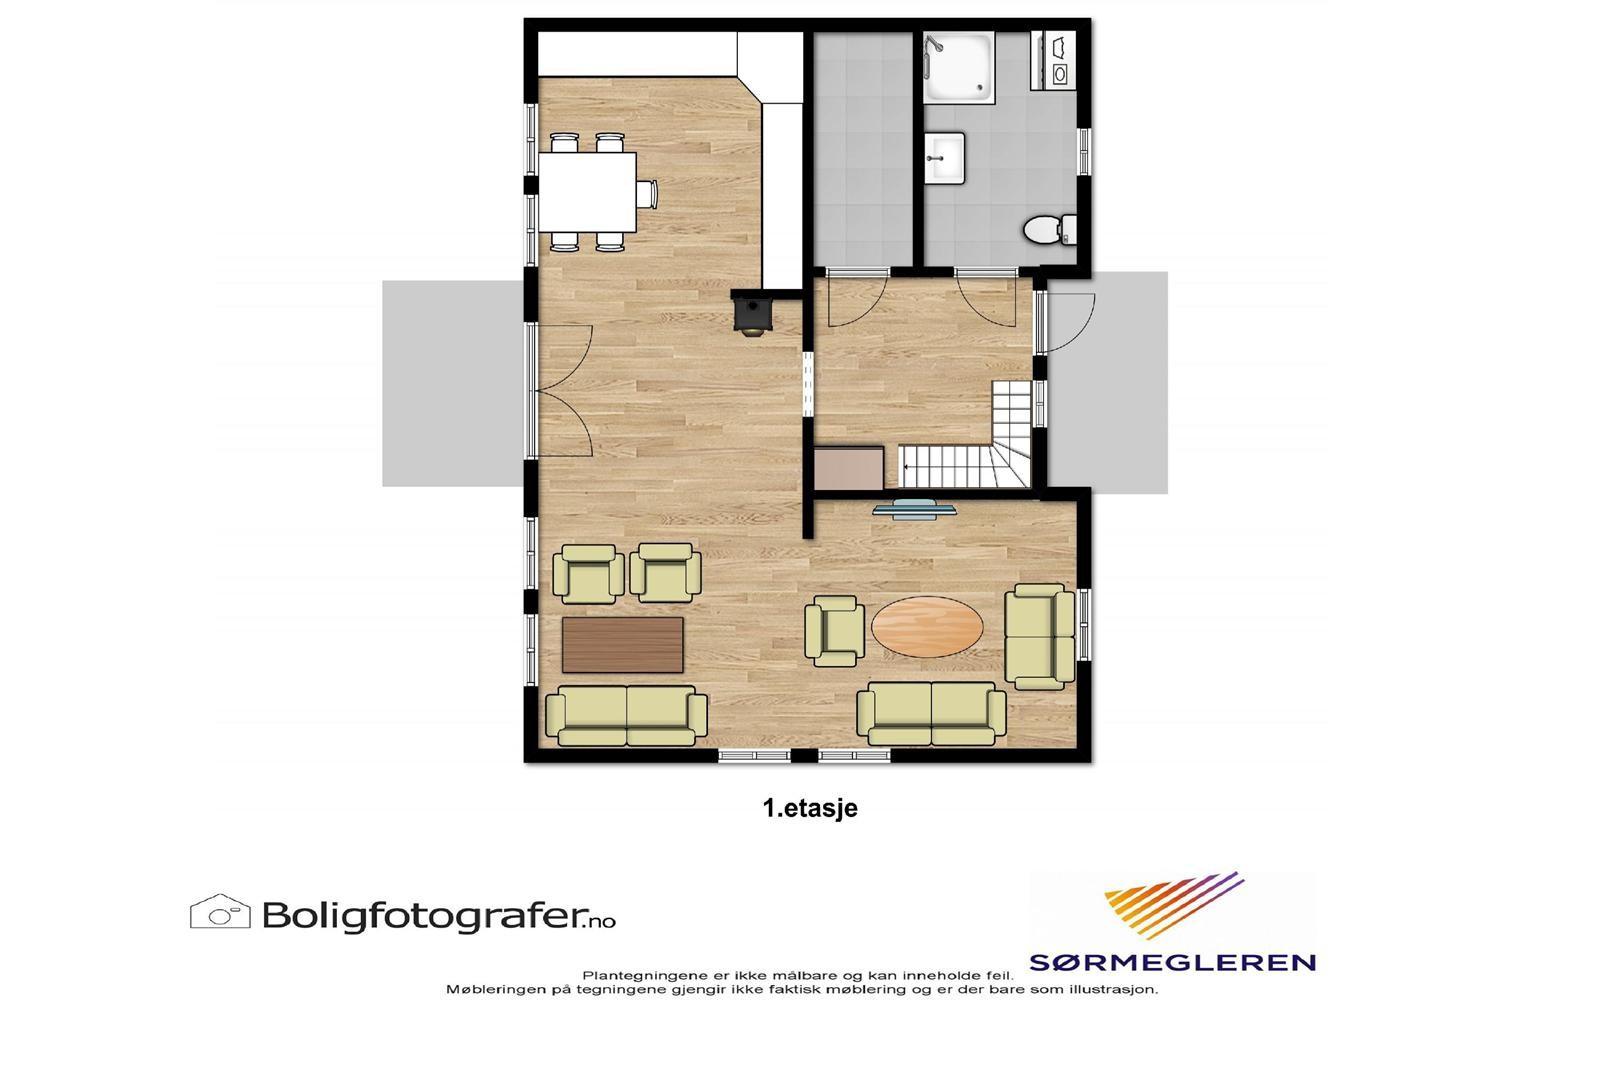 plantegning-1-etasje